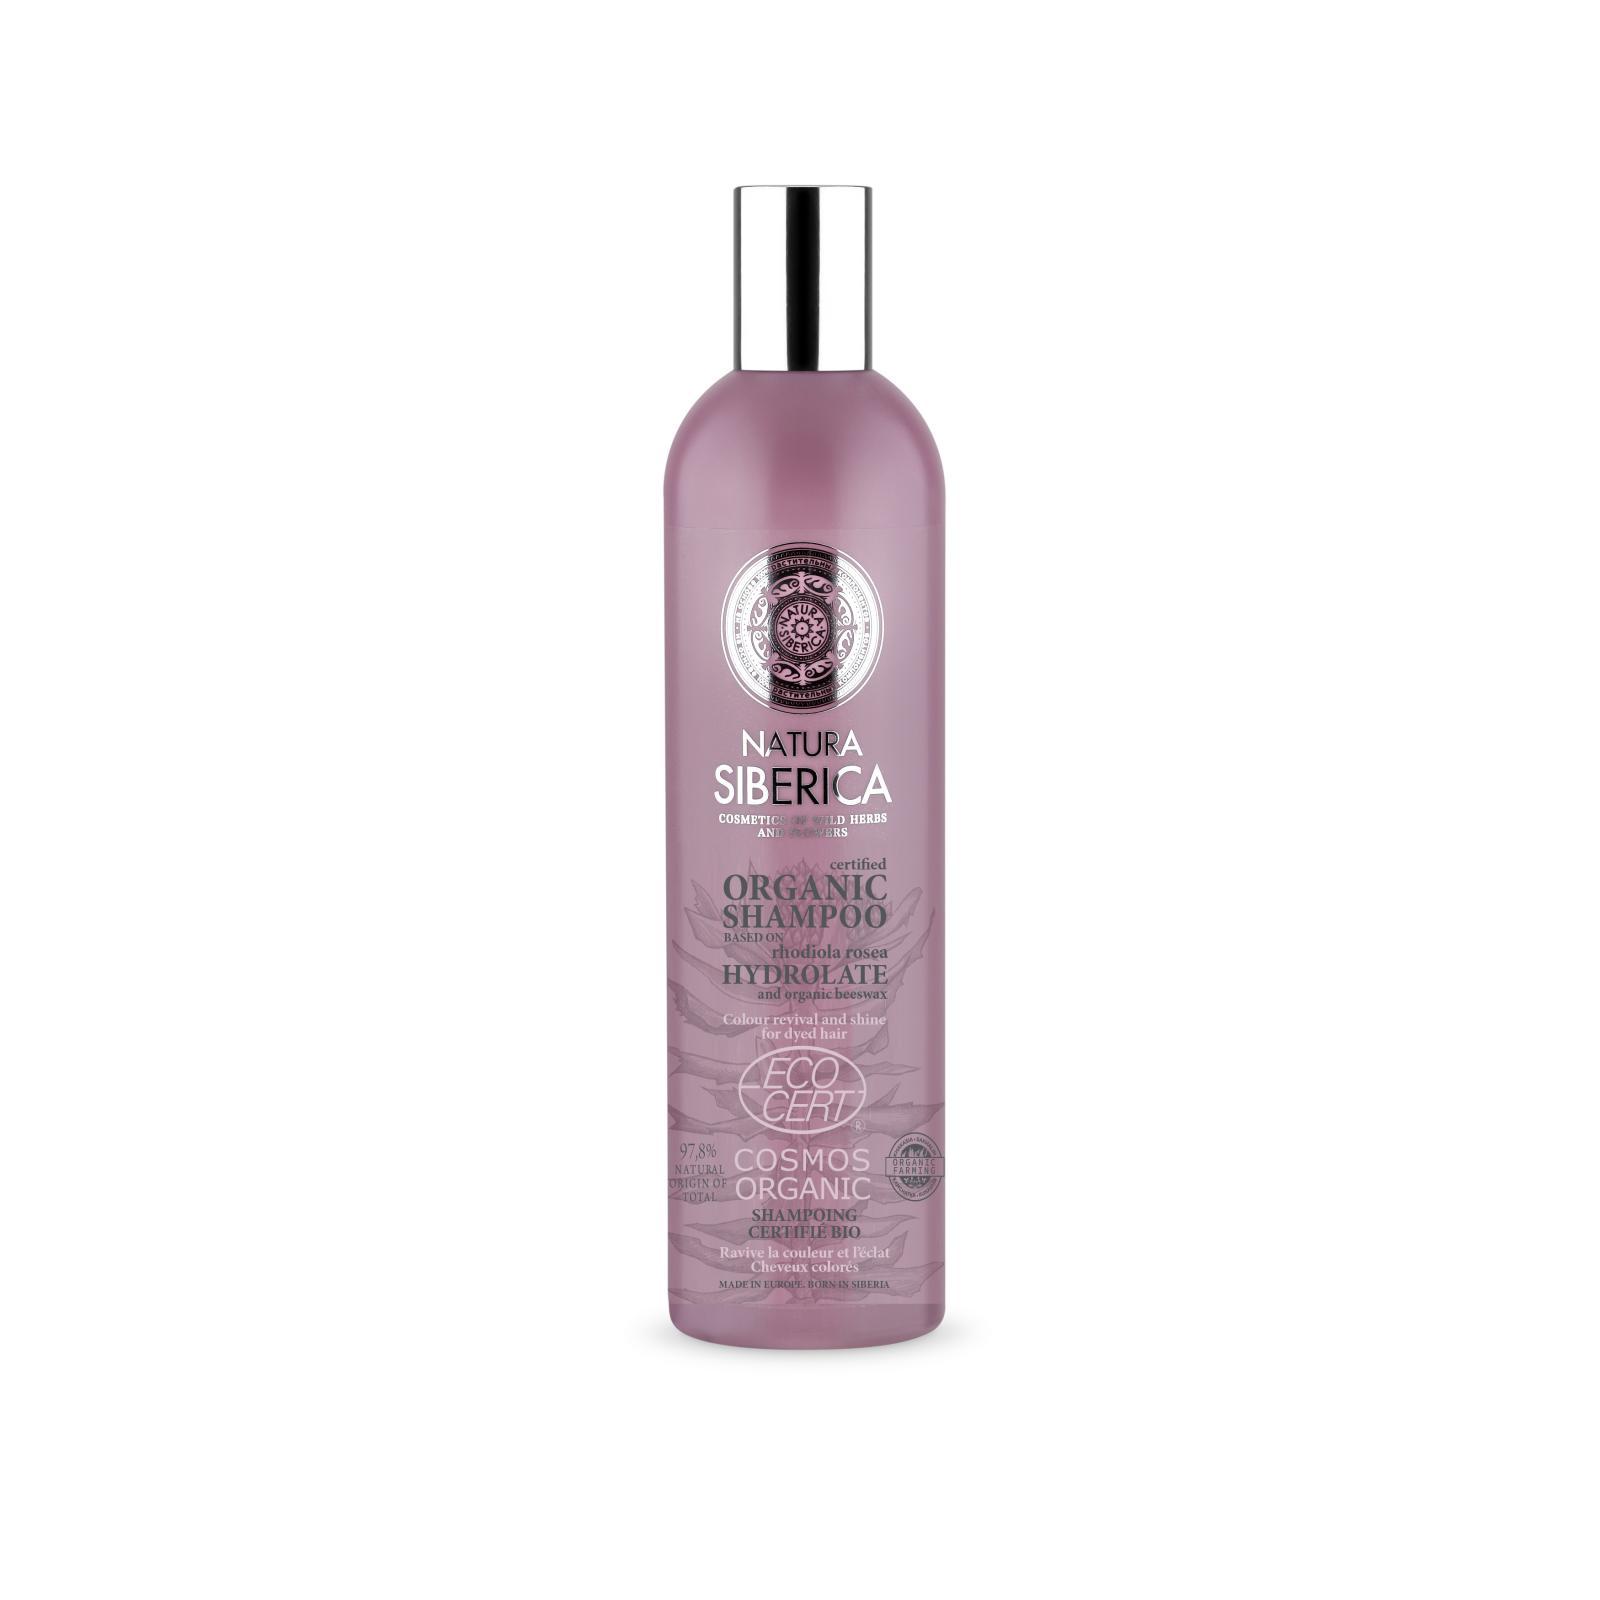 Natura Siberica Šampon pro barvené vlasy - Oživení barvy a lesk 400 ml